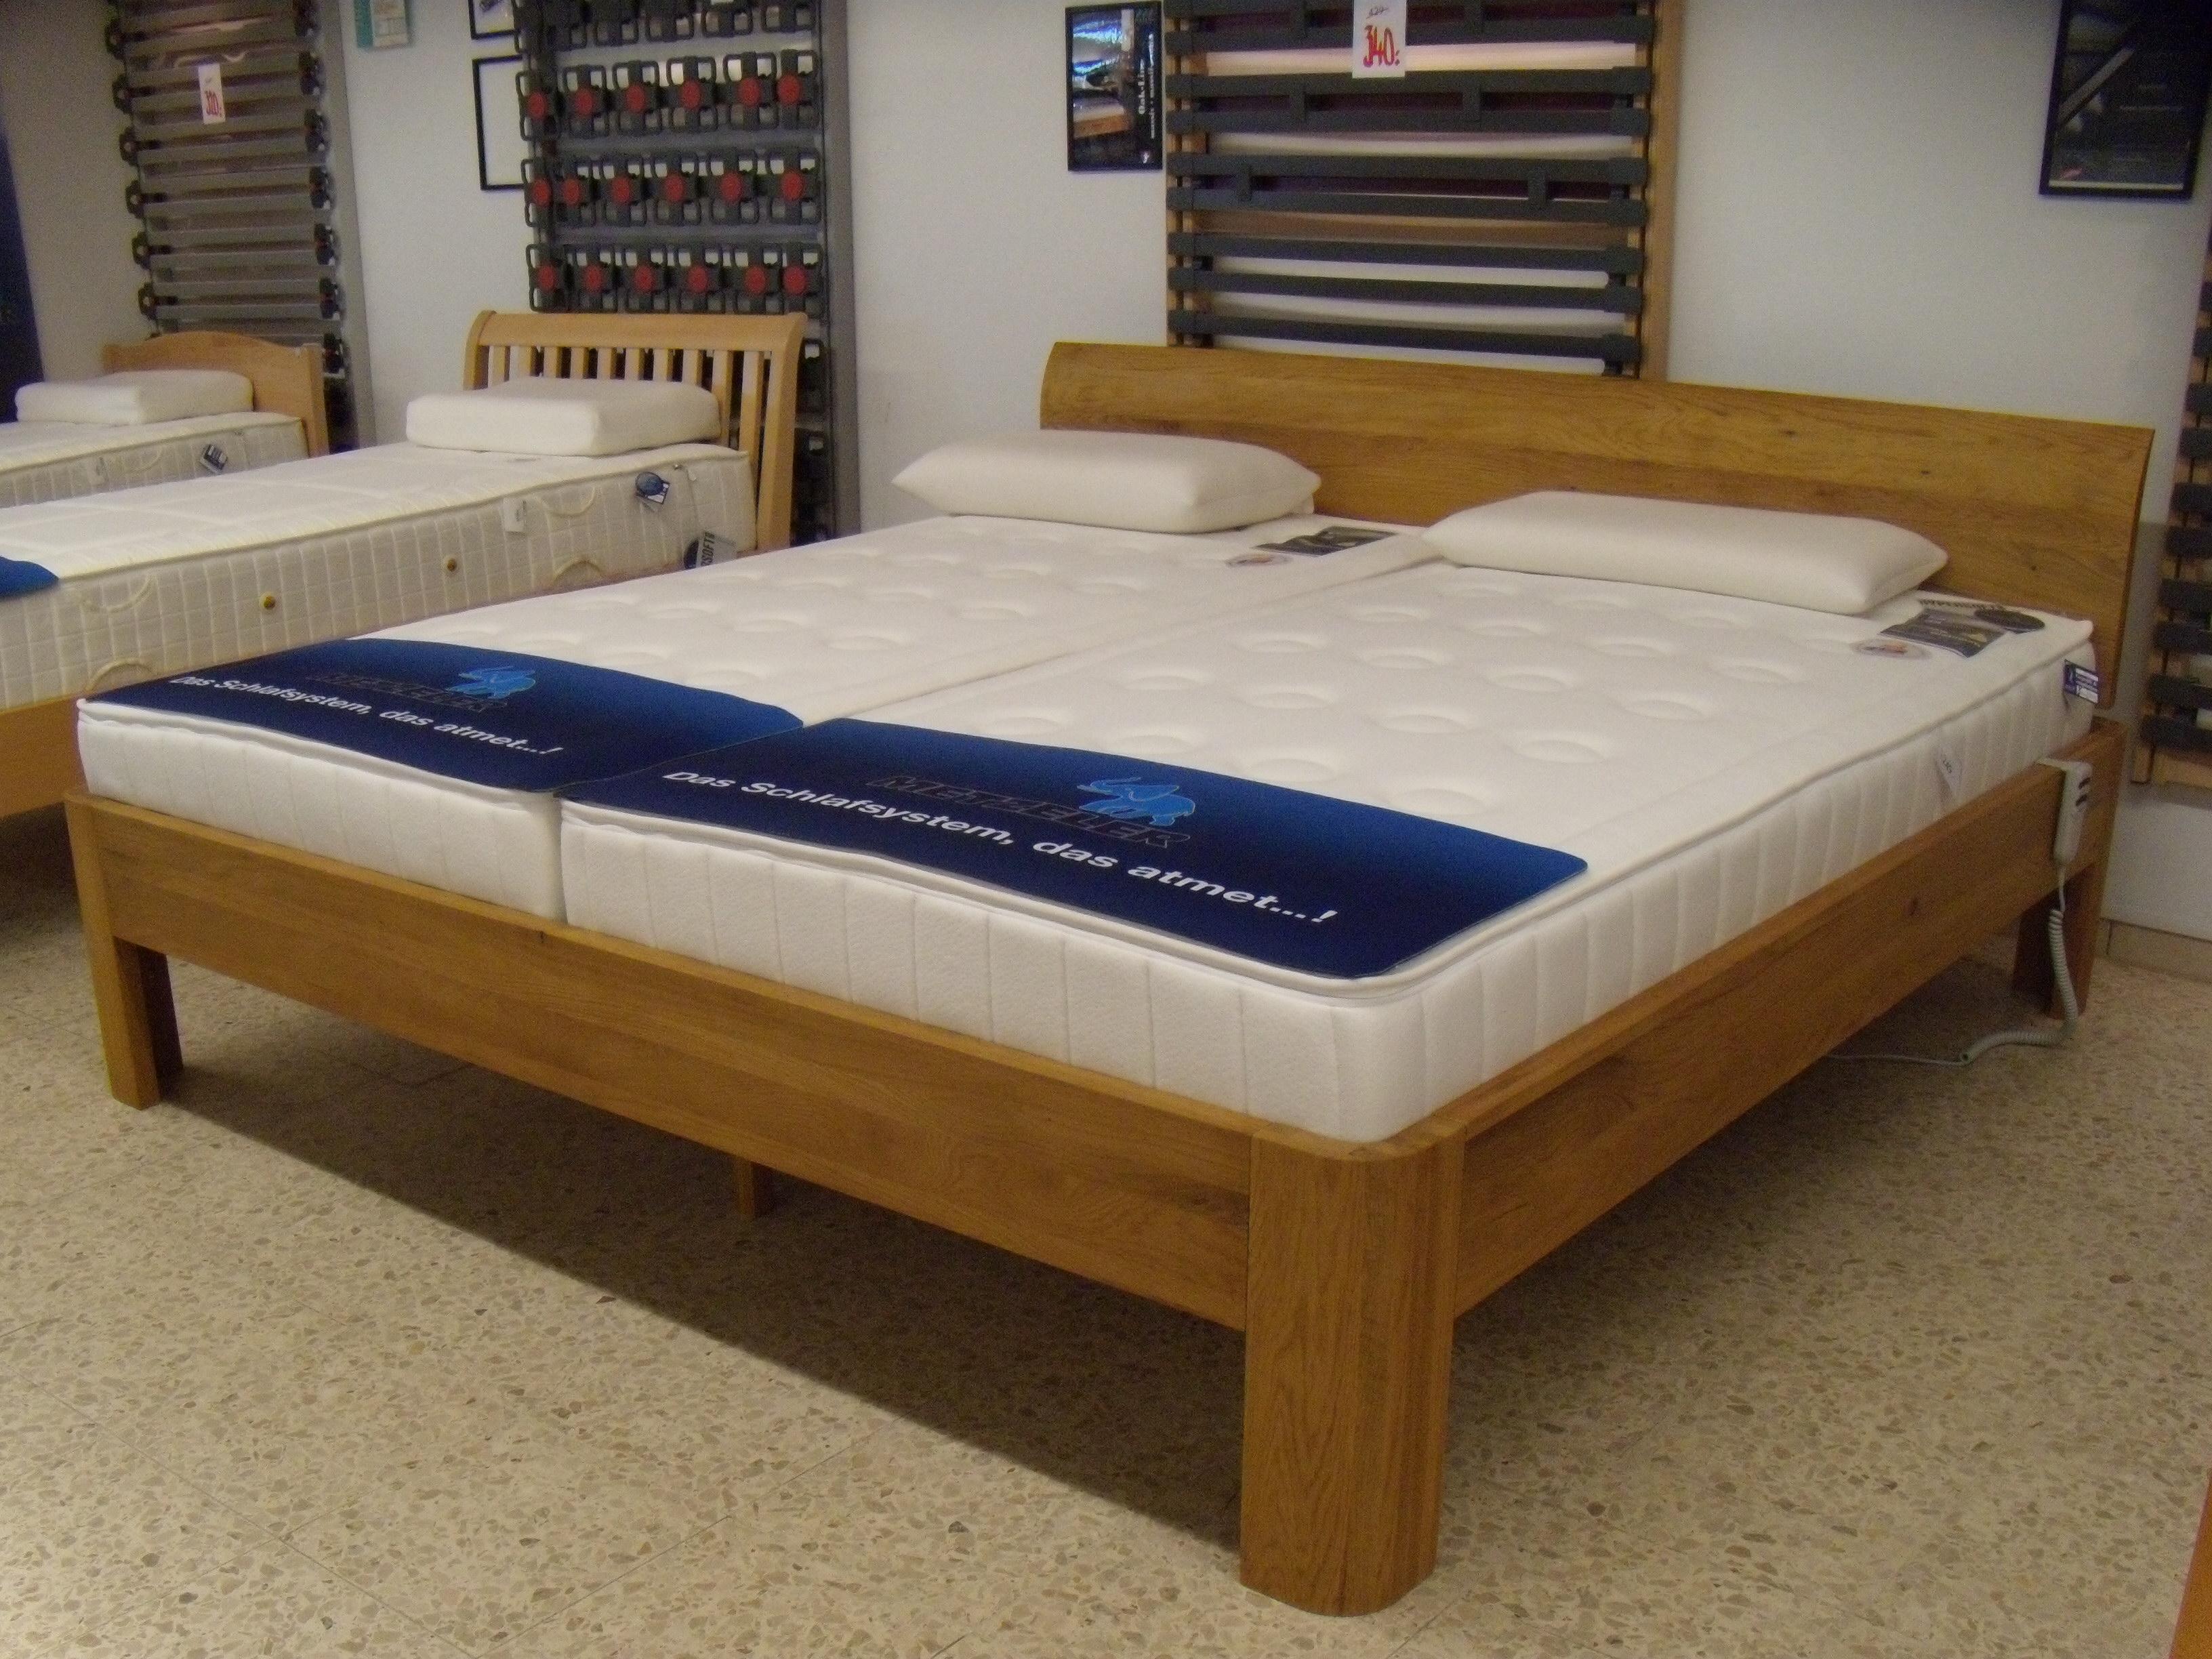 Betten-Schlösser Bettgestelle